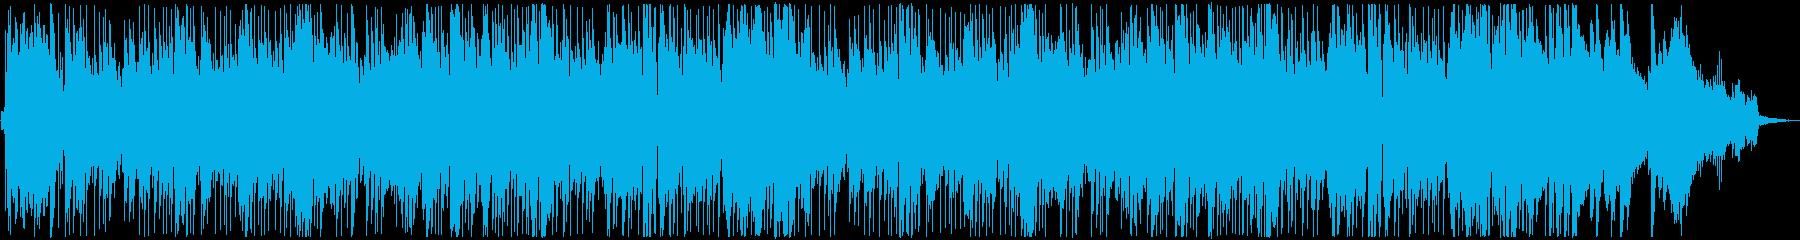 和風な三味線のジャズ風ジングルベルの再生済みの波形